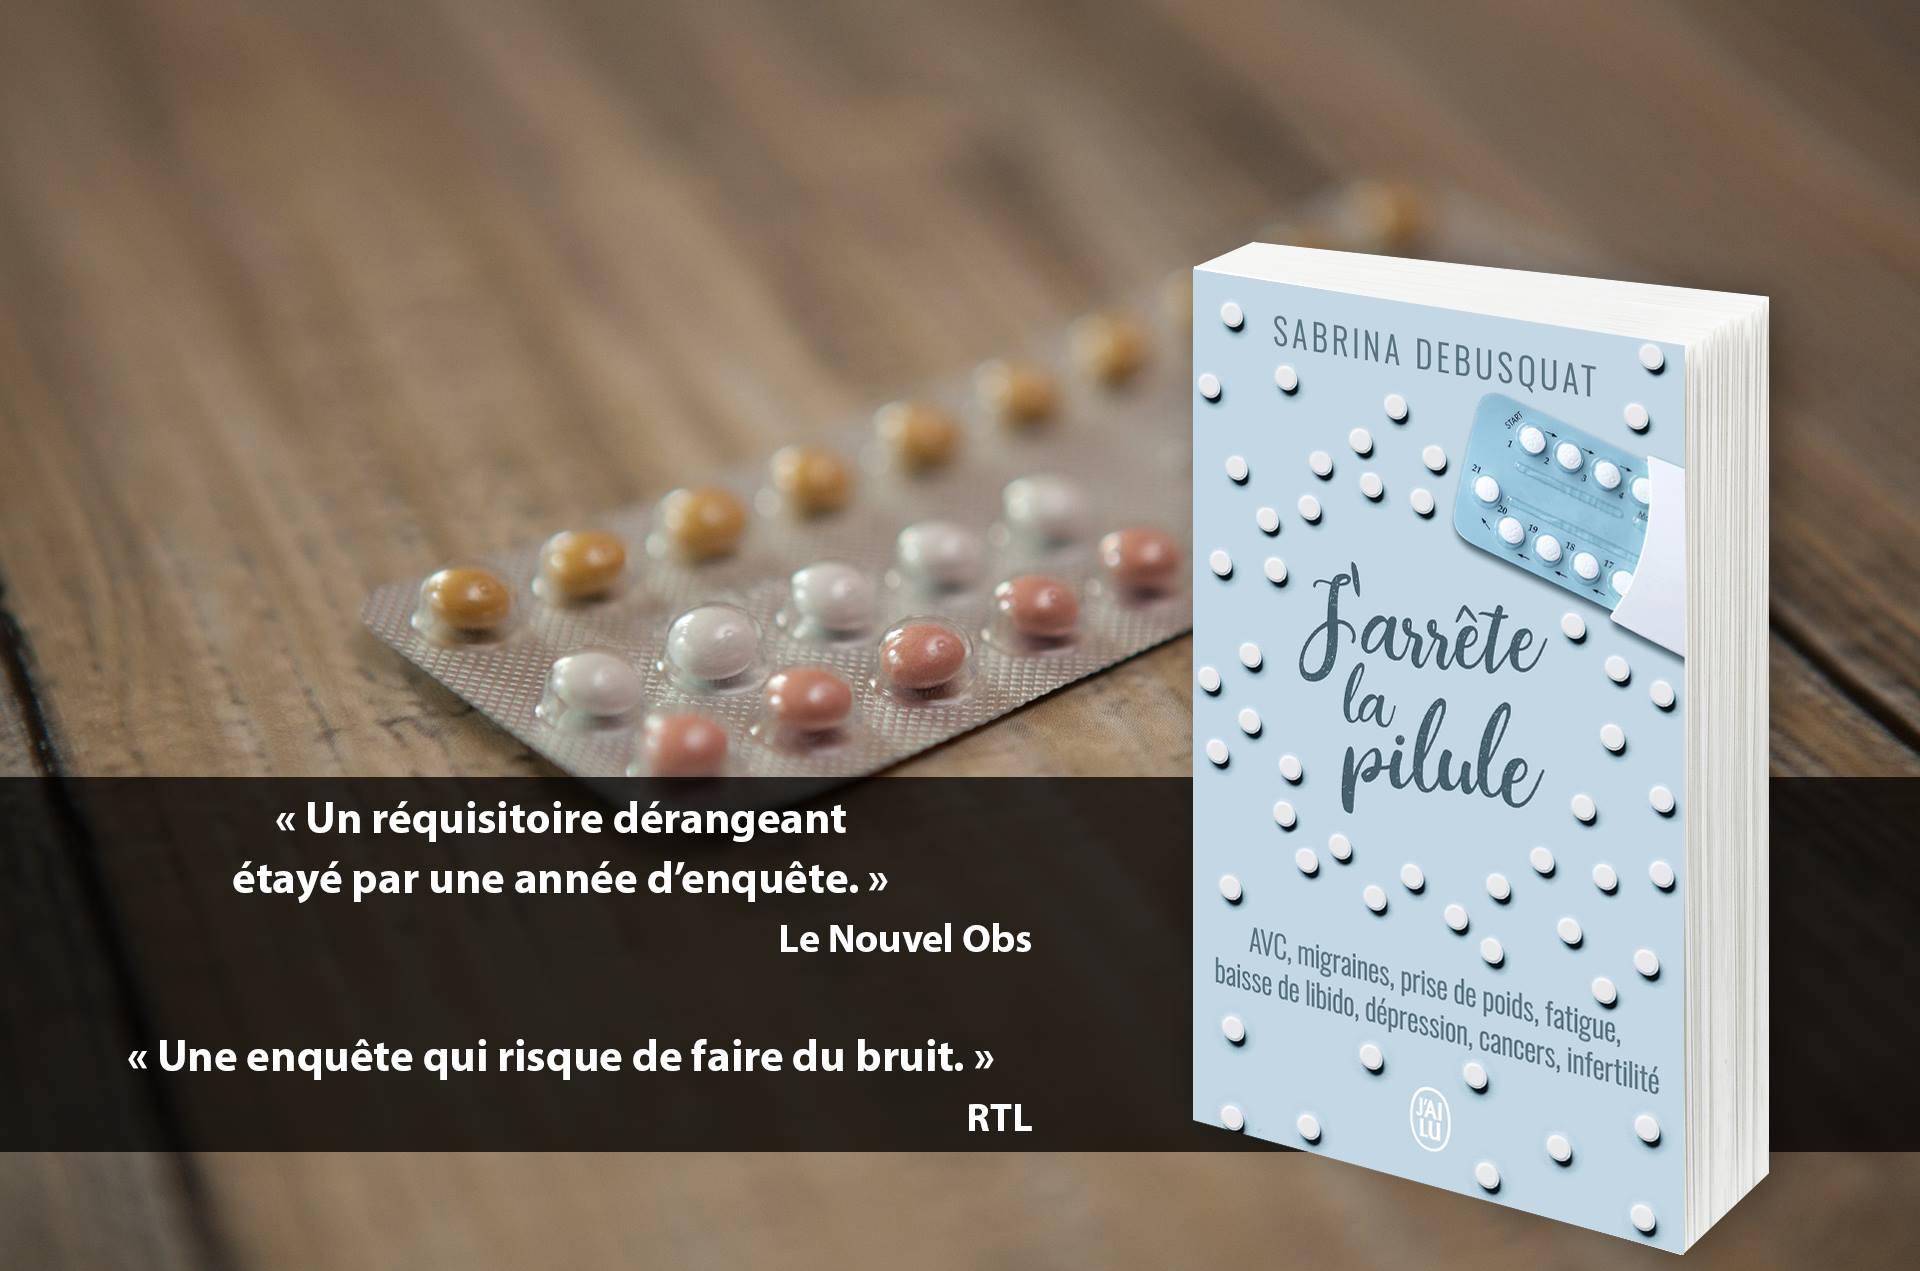 «J'arrête la pilule» le livre enquête de Sabrina Débusquât présenté ce dimanche à Lucciana